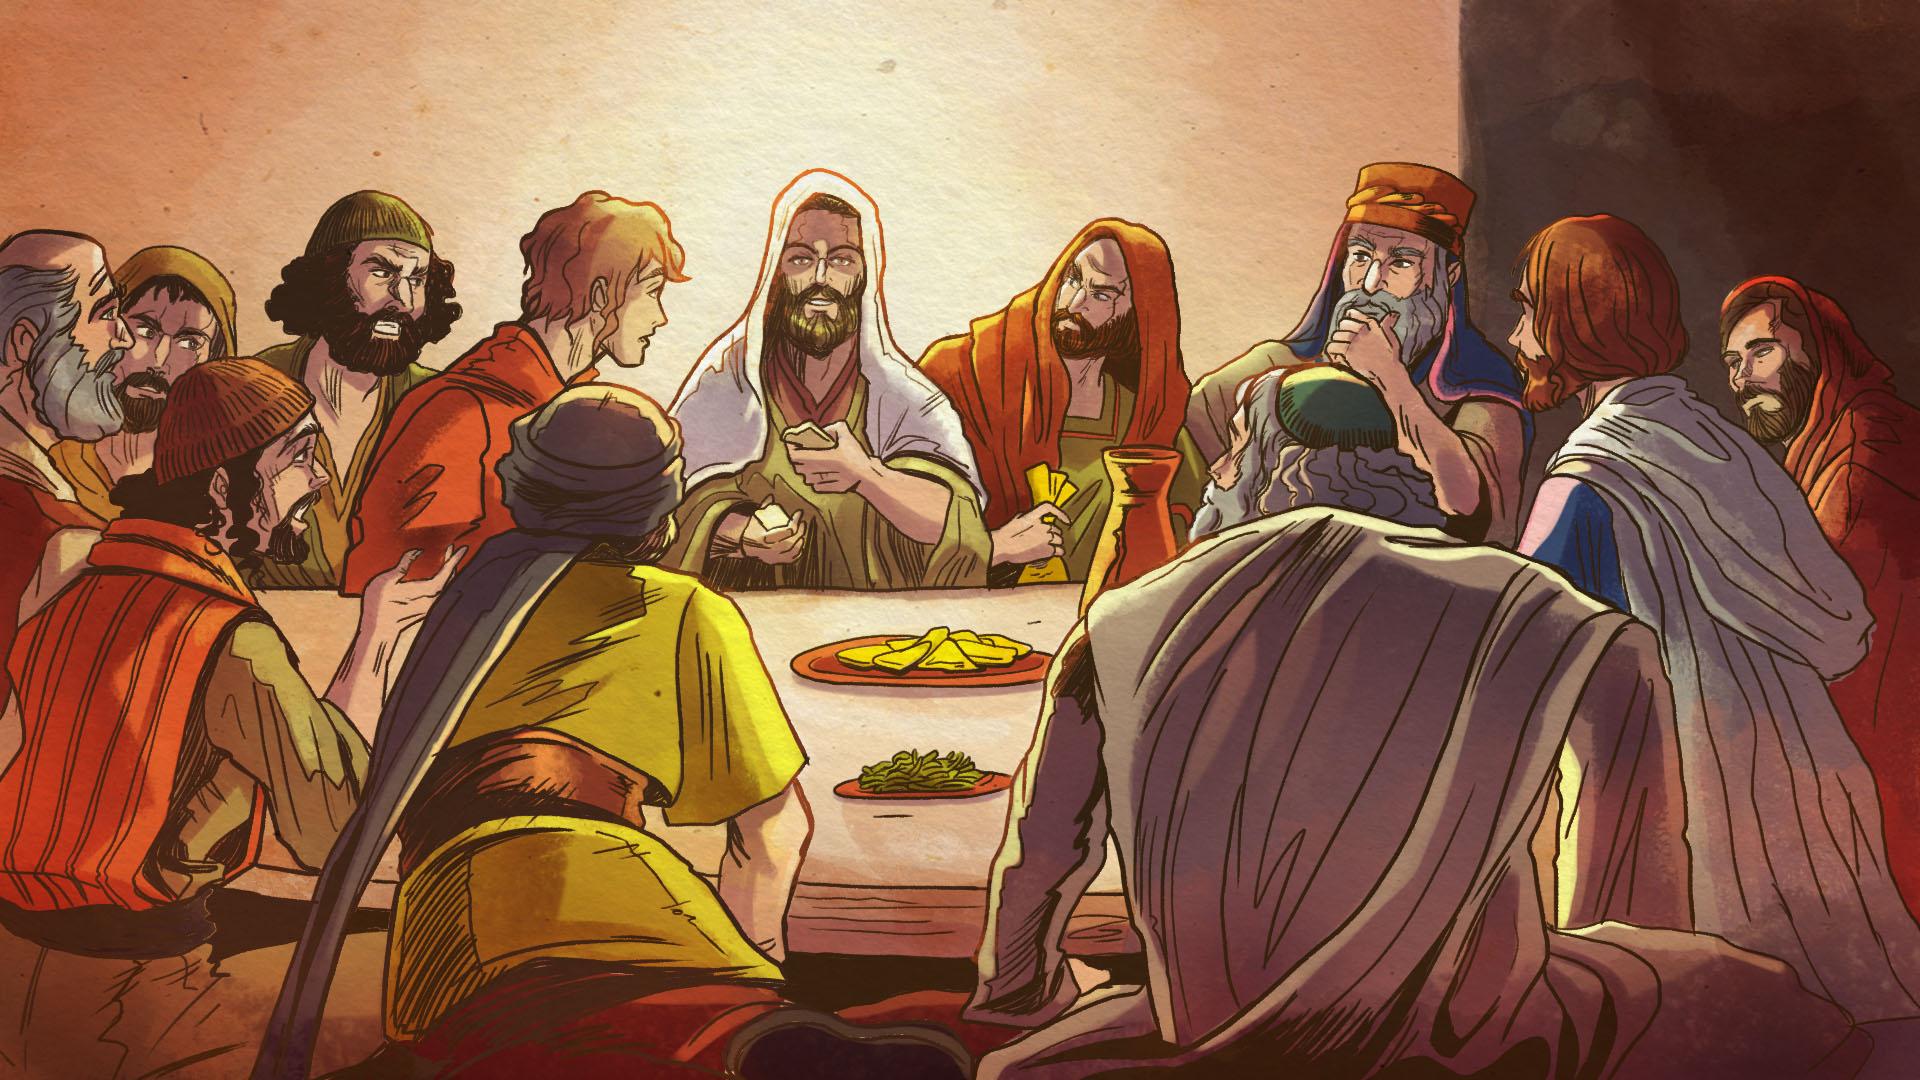 La historia detrás de la Última Cena